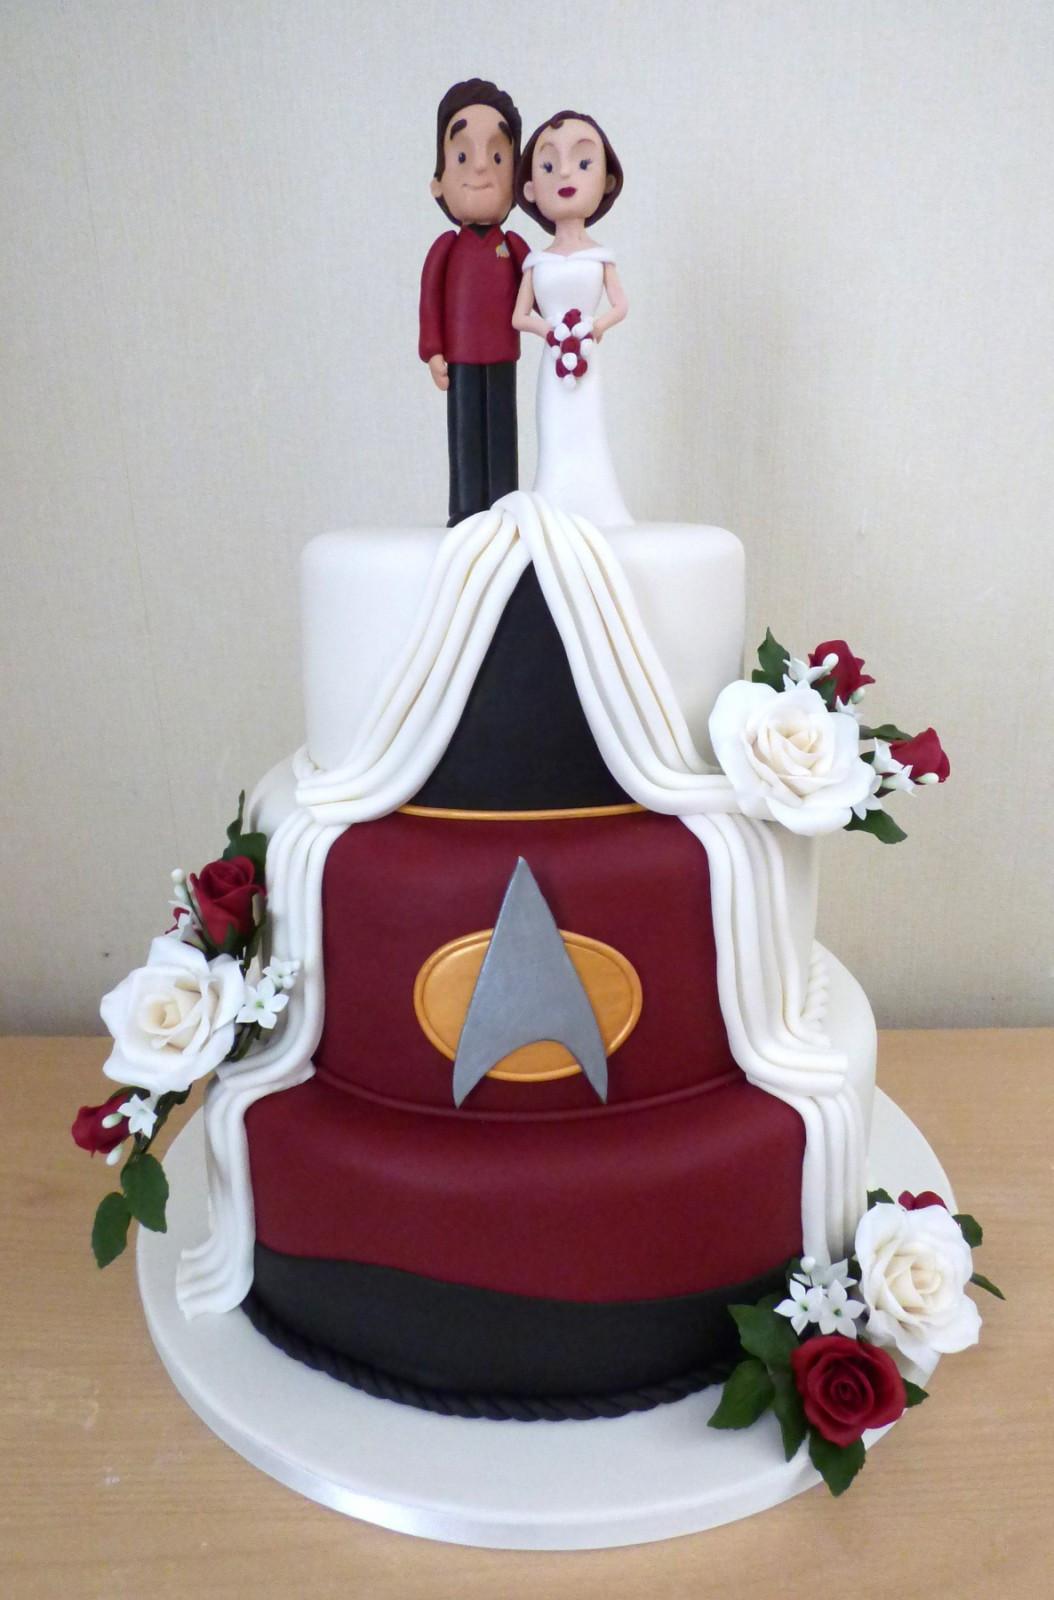 Star Trek Wedding Cakes  3 Tier Star Trek Themed Wedding Cake Susie s Cakes